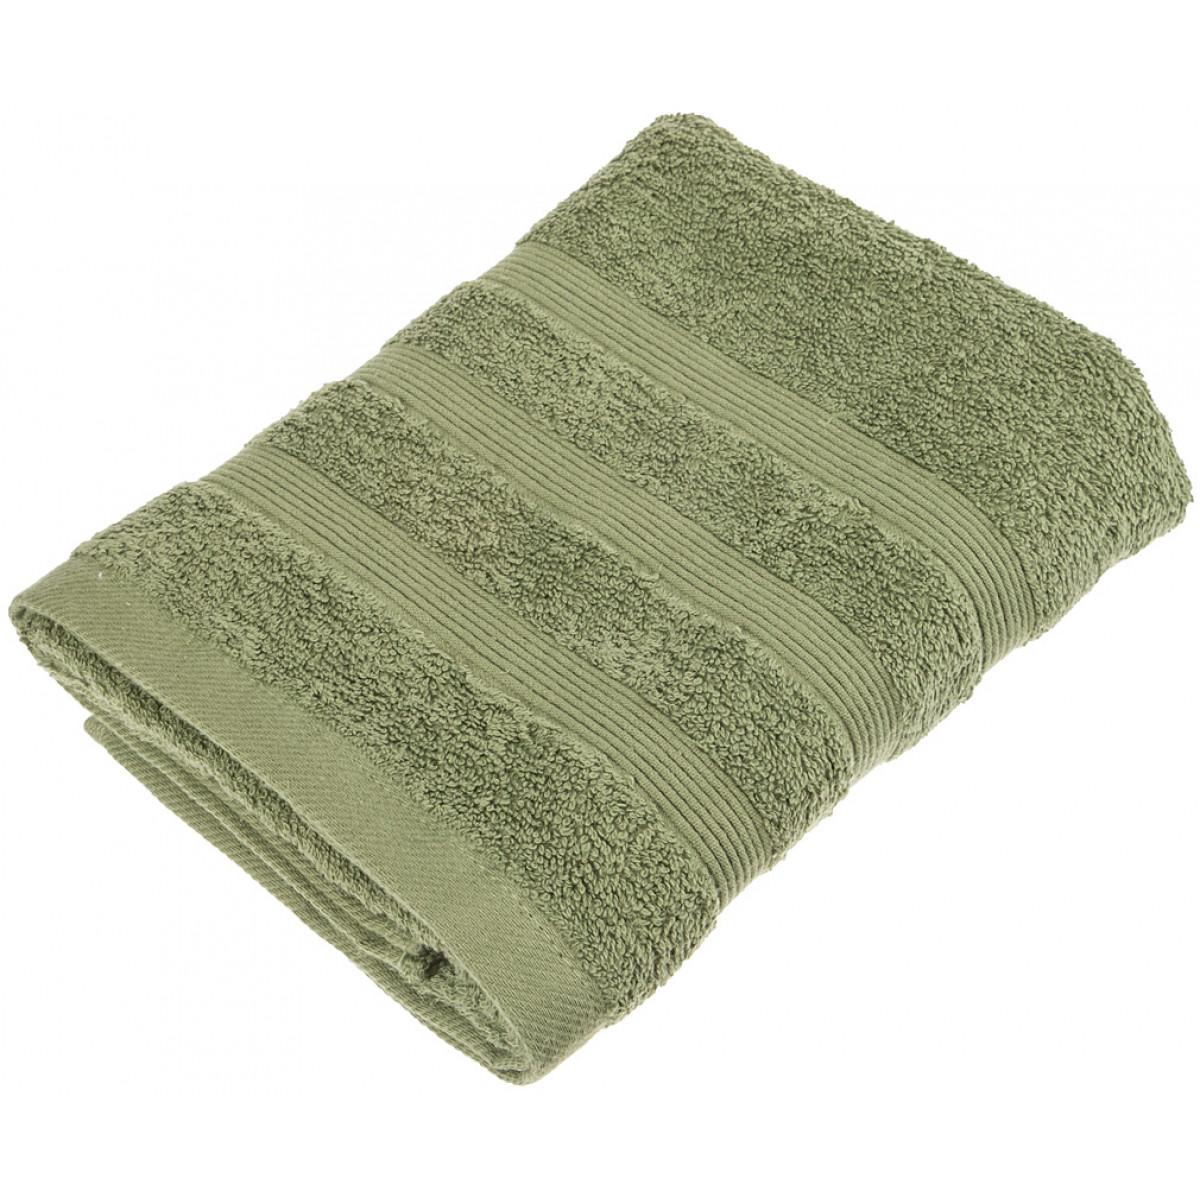 Полотенца Santalino Полотенце Michah  (50х90 см) василиса полотенце зигзаг артишок 50х90 см